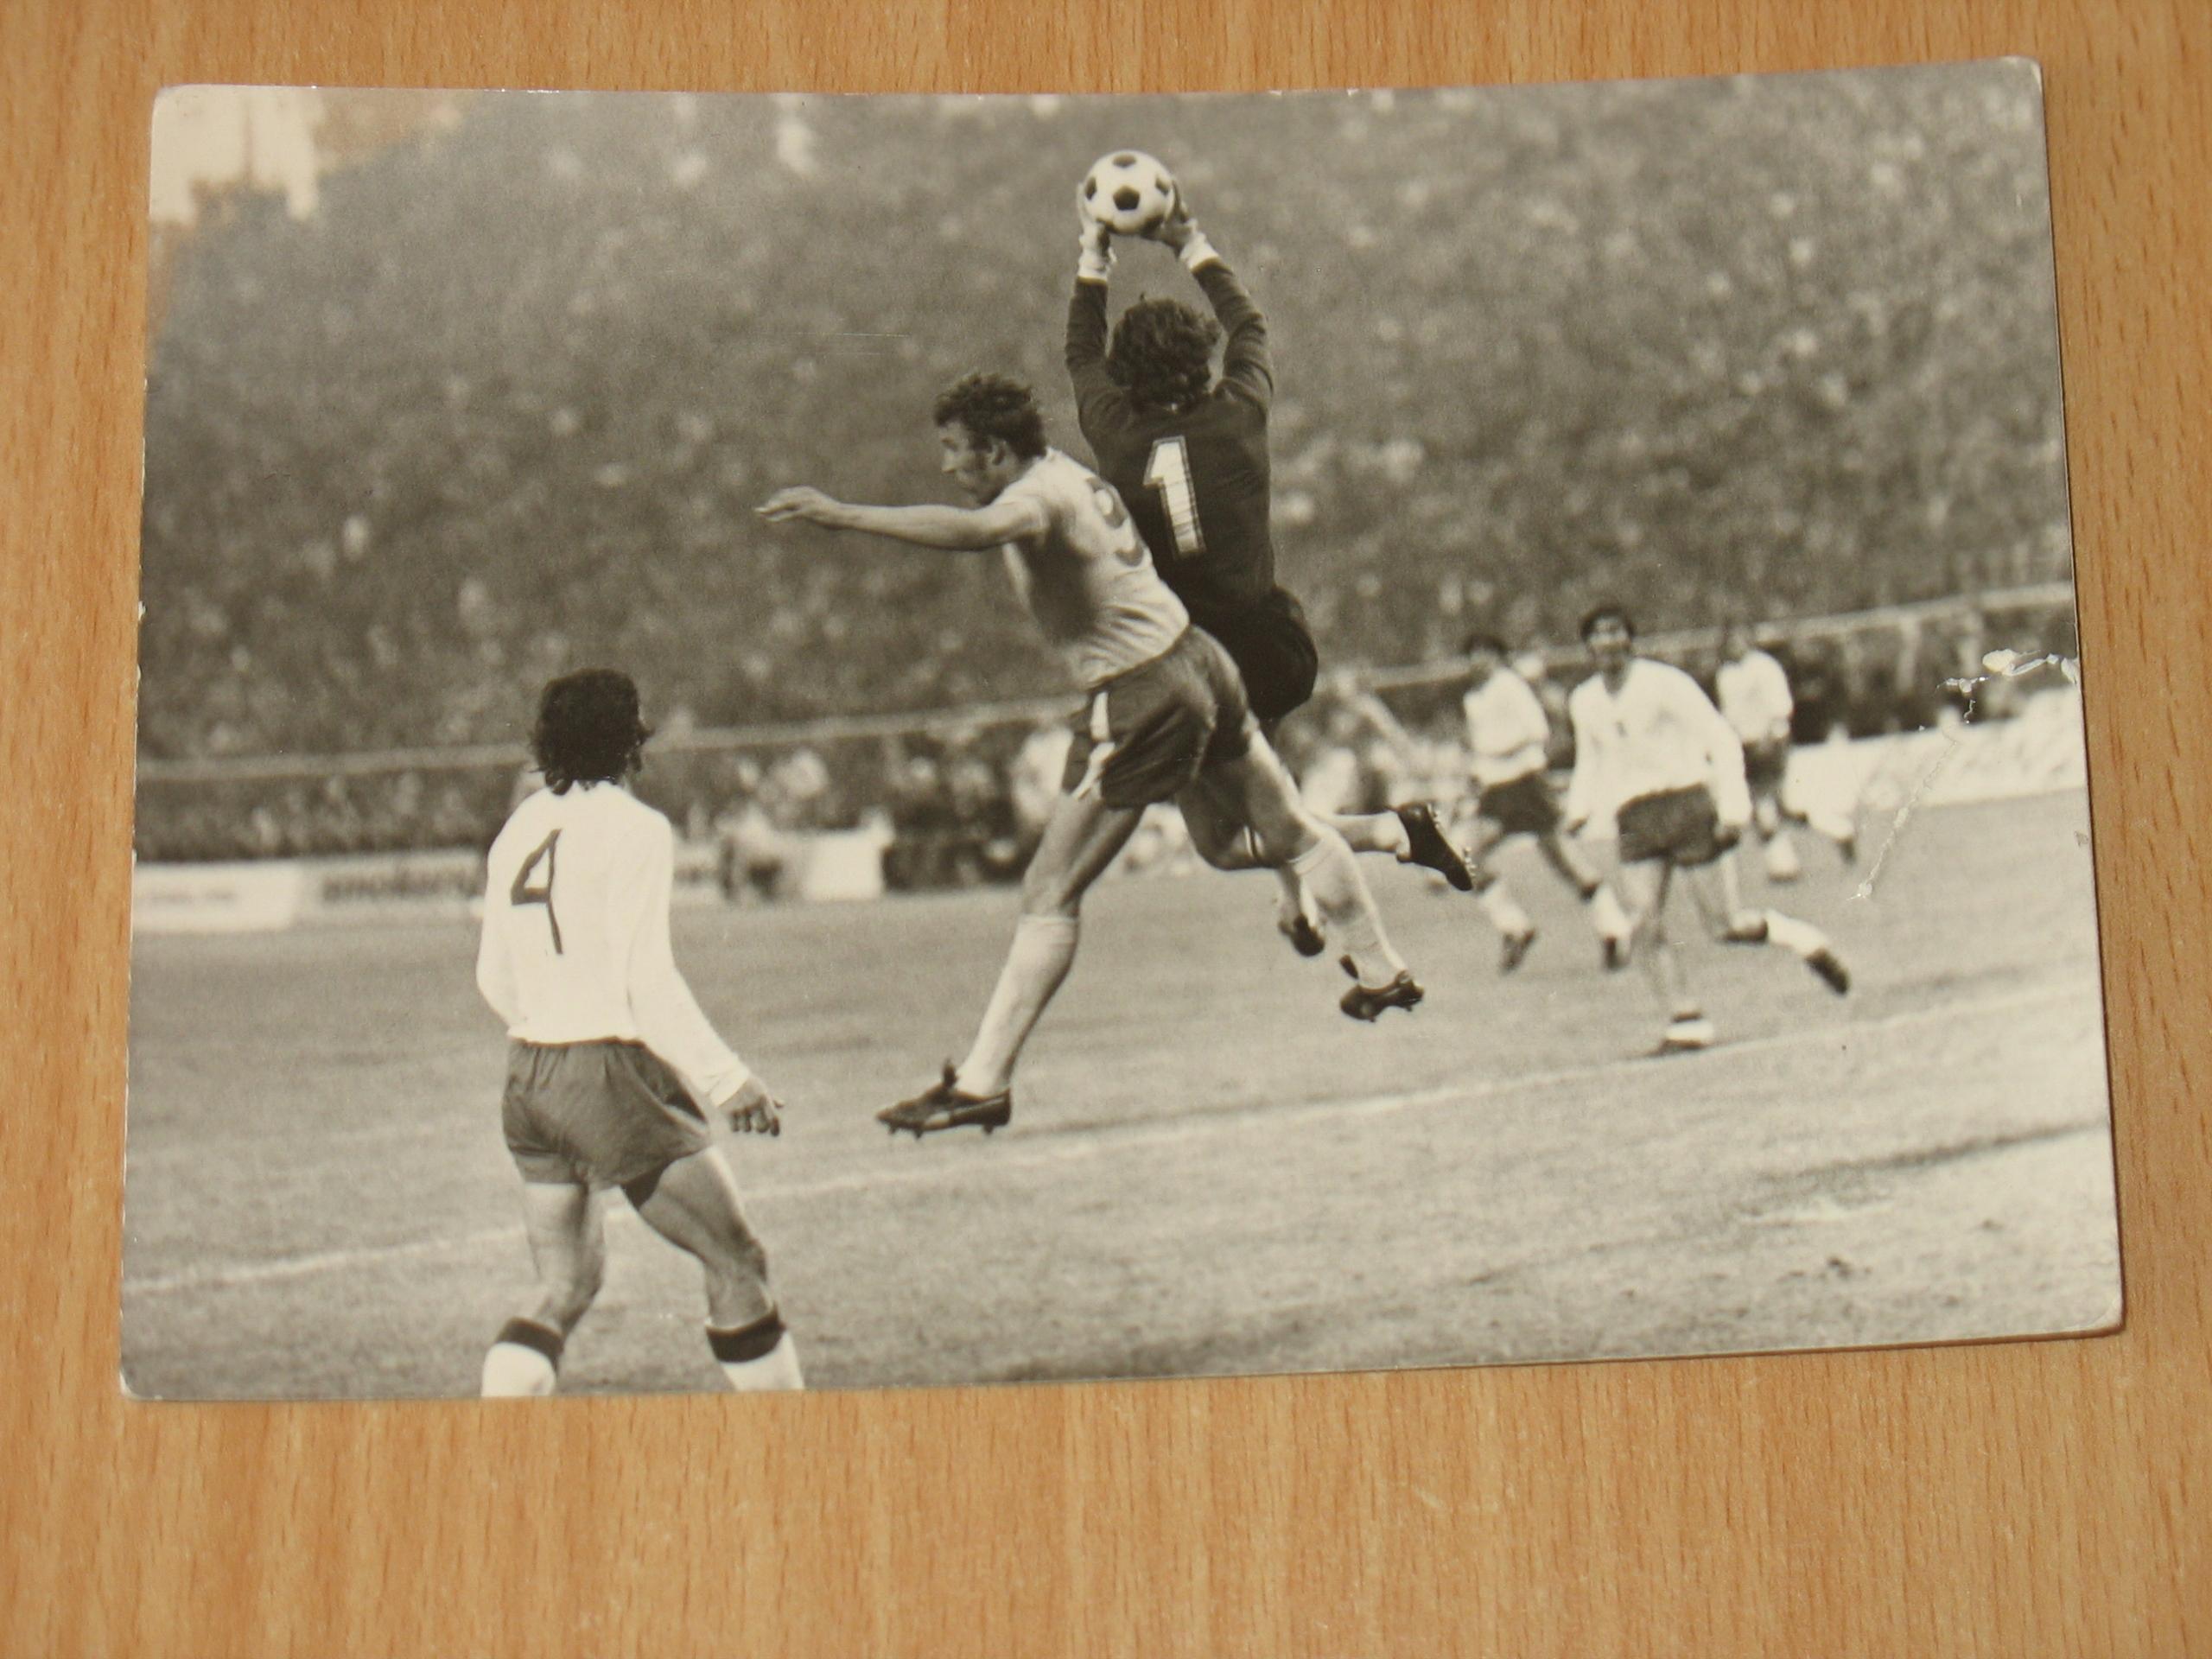 Pocztówka, Polska - Anglia 1973 rok , Tomaszewski